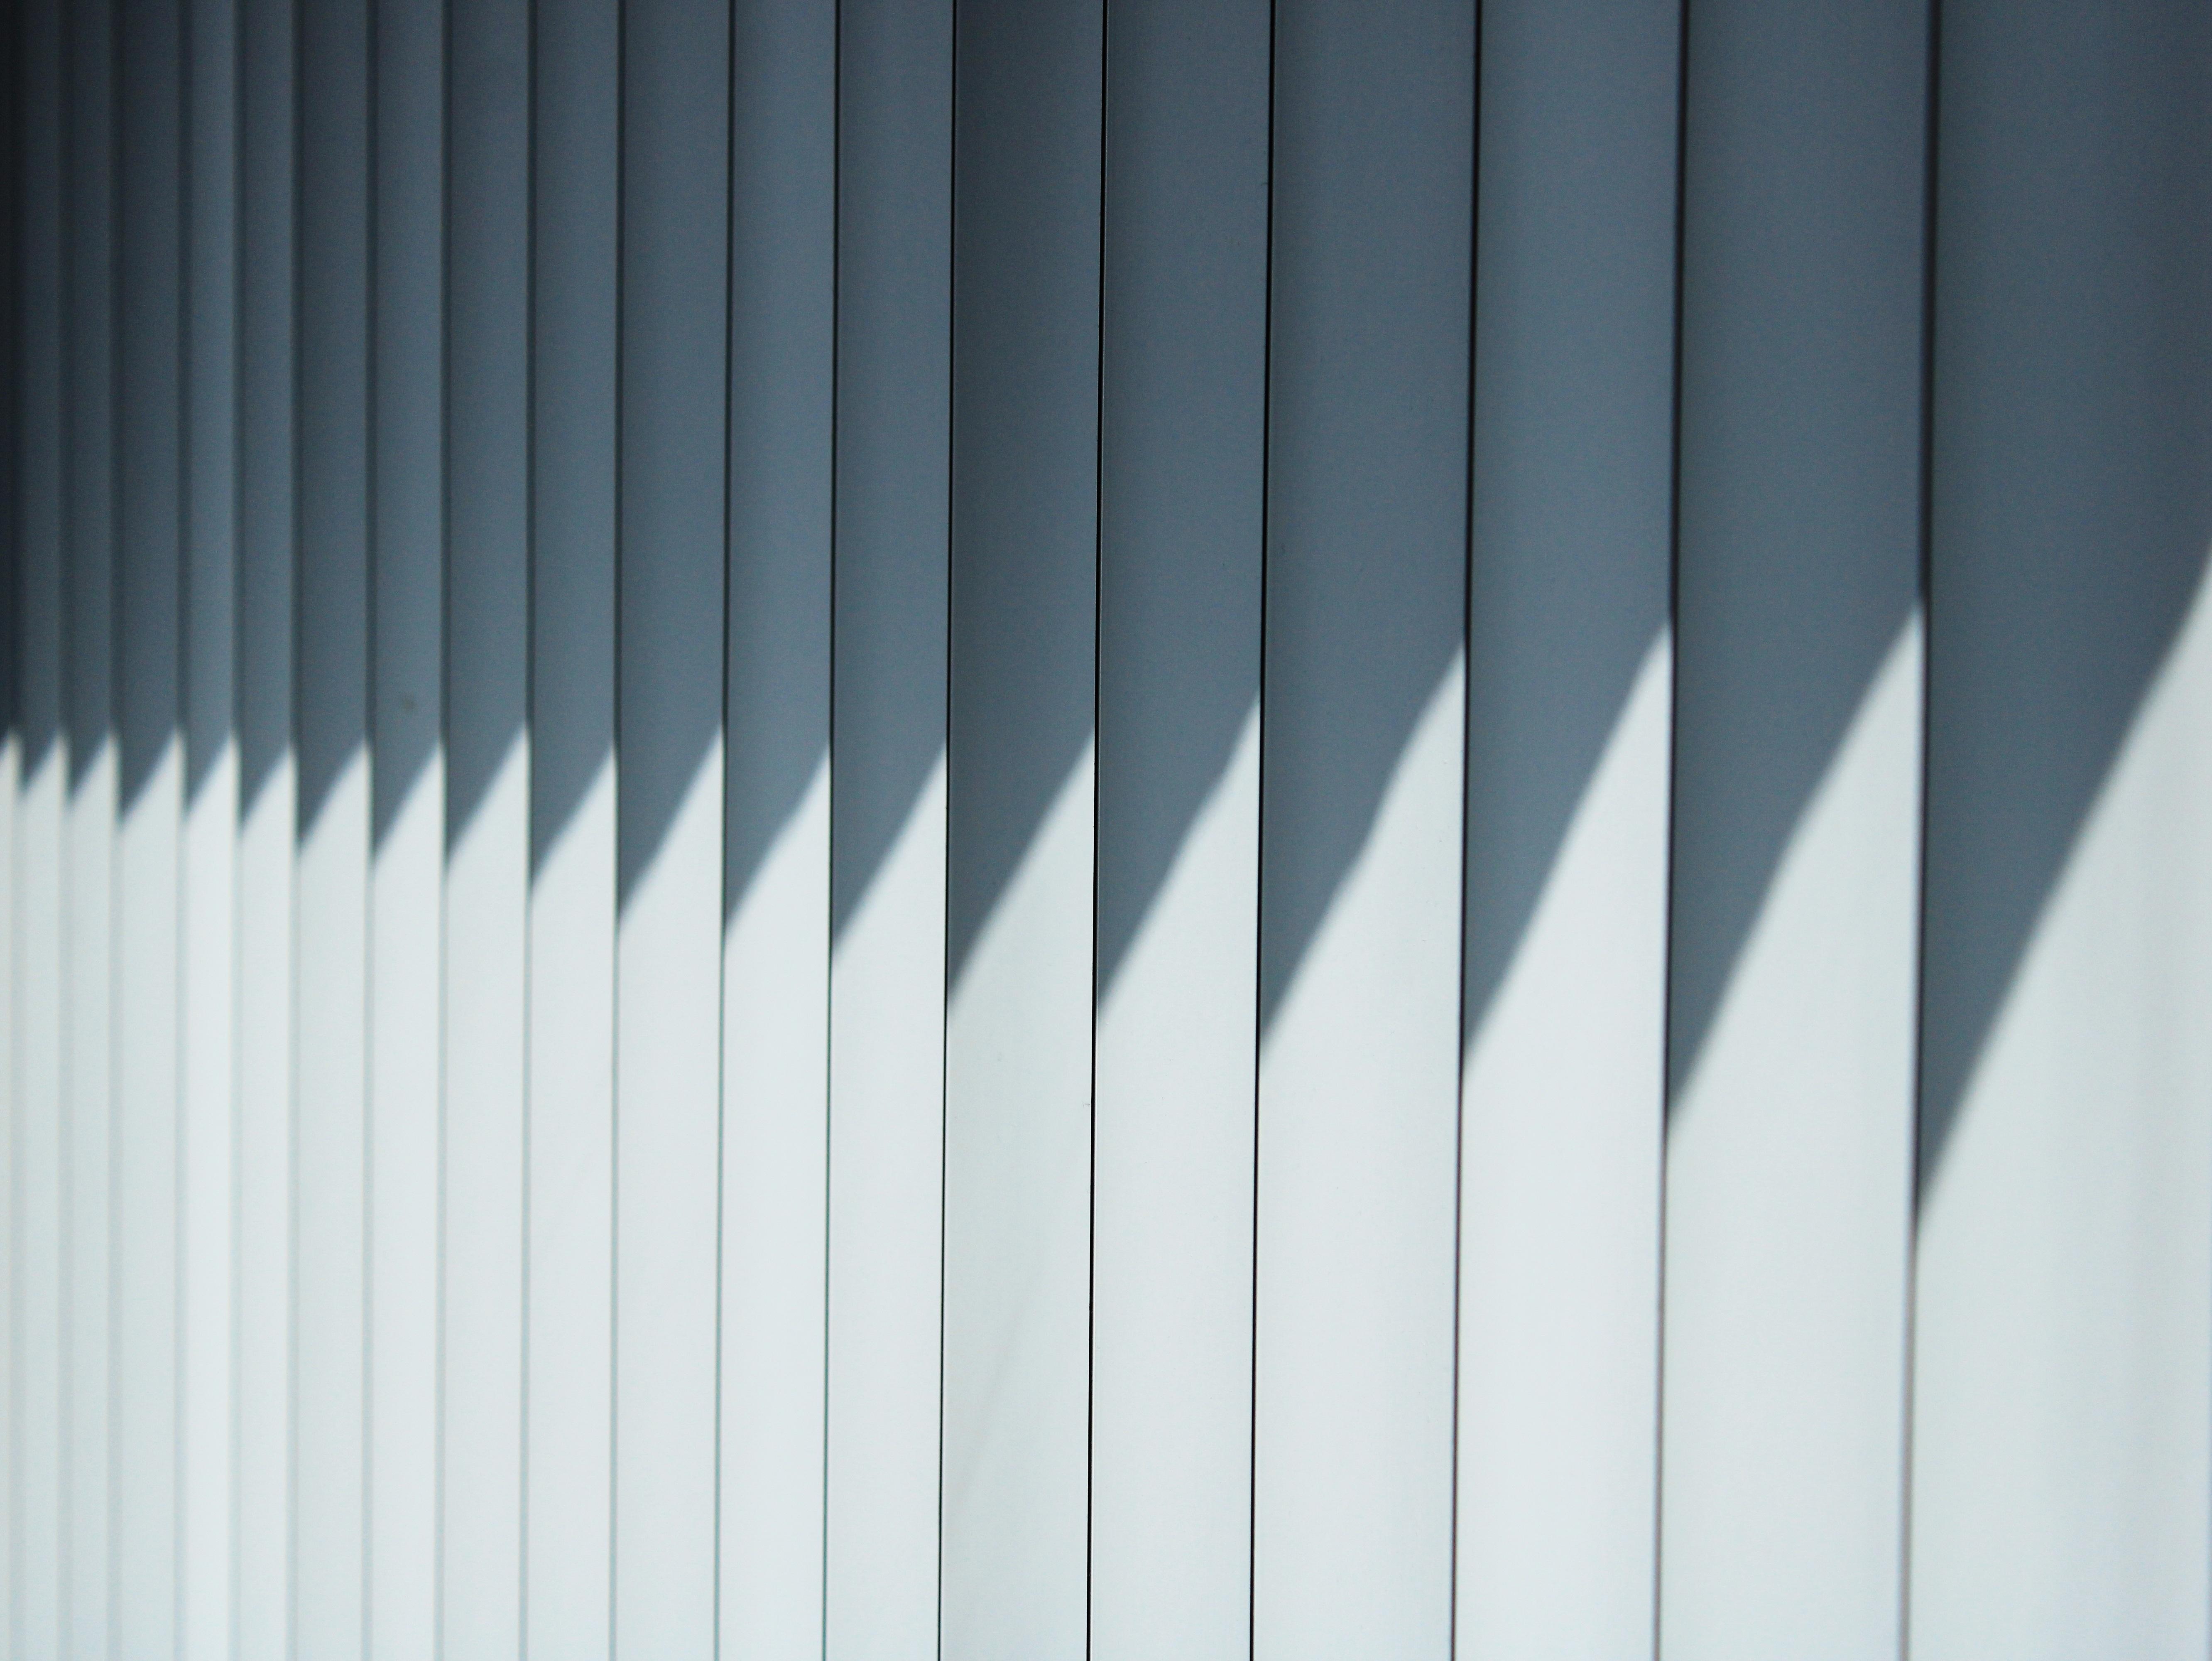 blinds-4197592.jpg